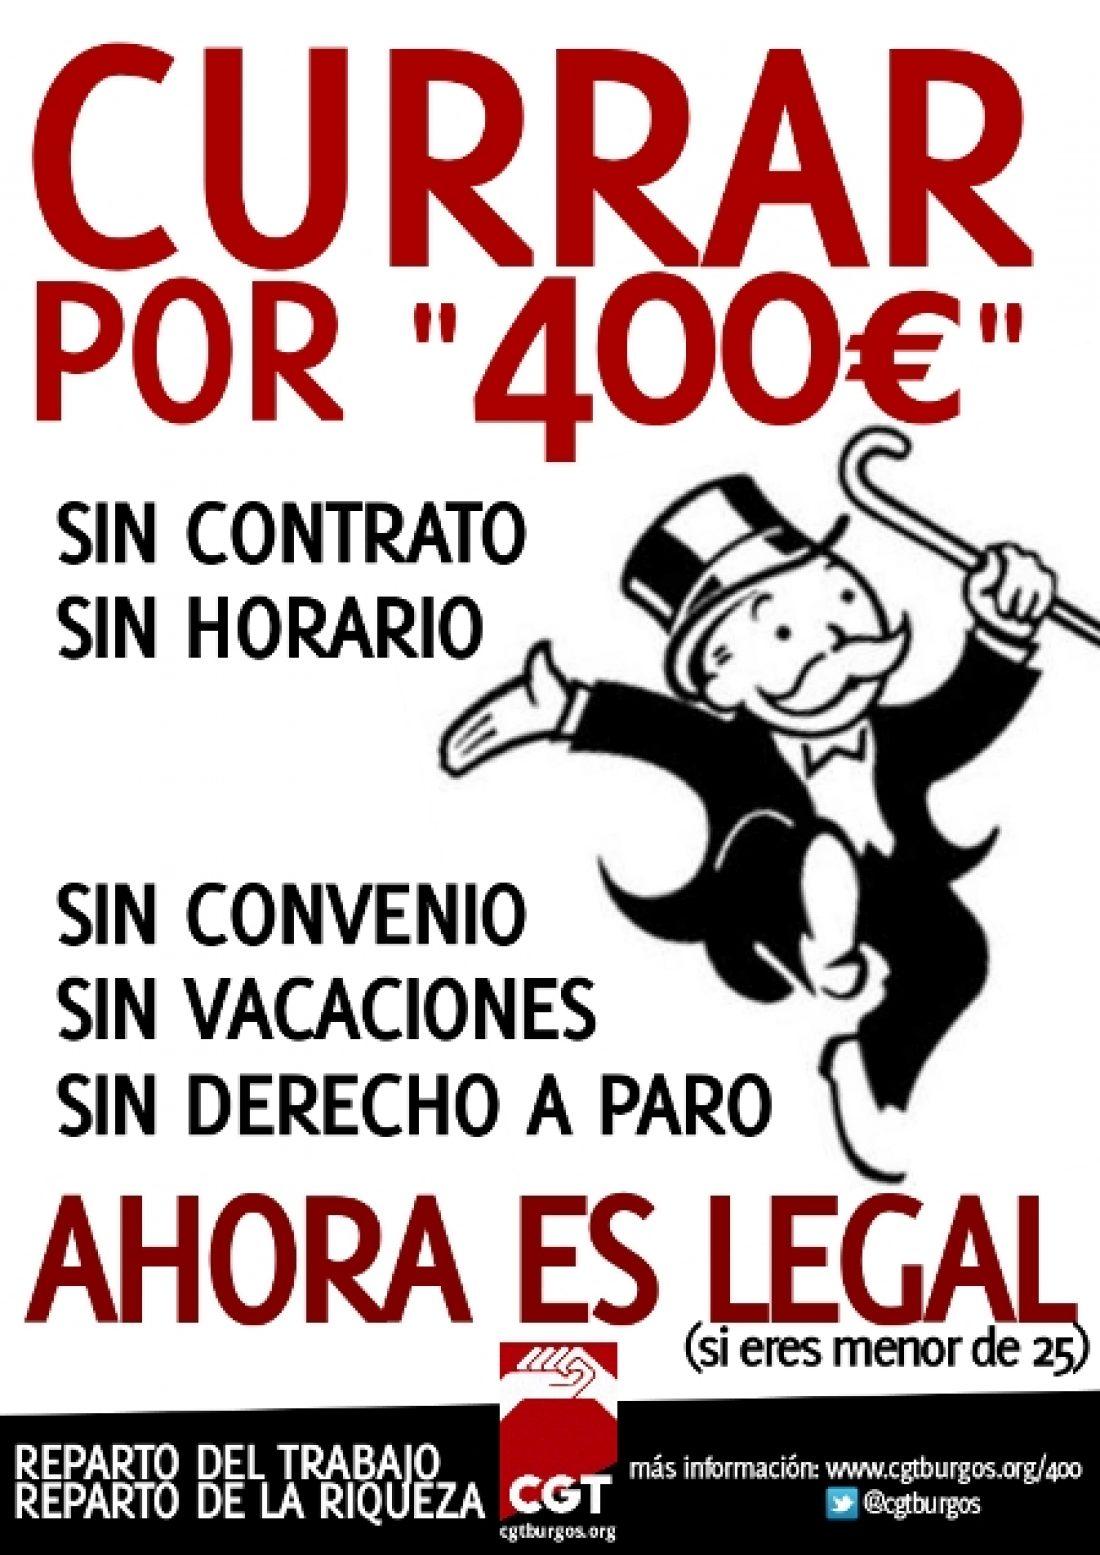 Currar por «400€» ahora es legal (si eres menor de 25 años)